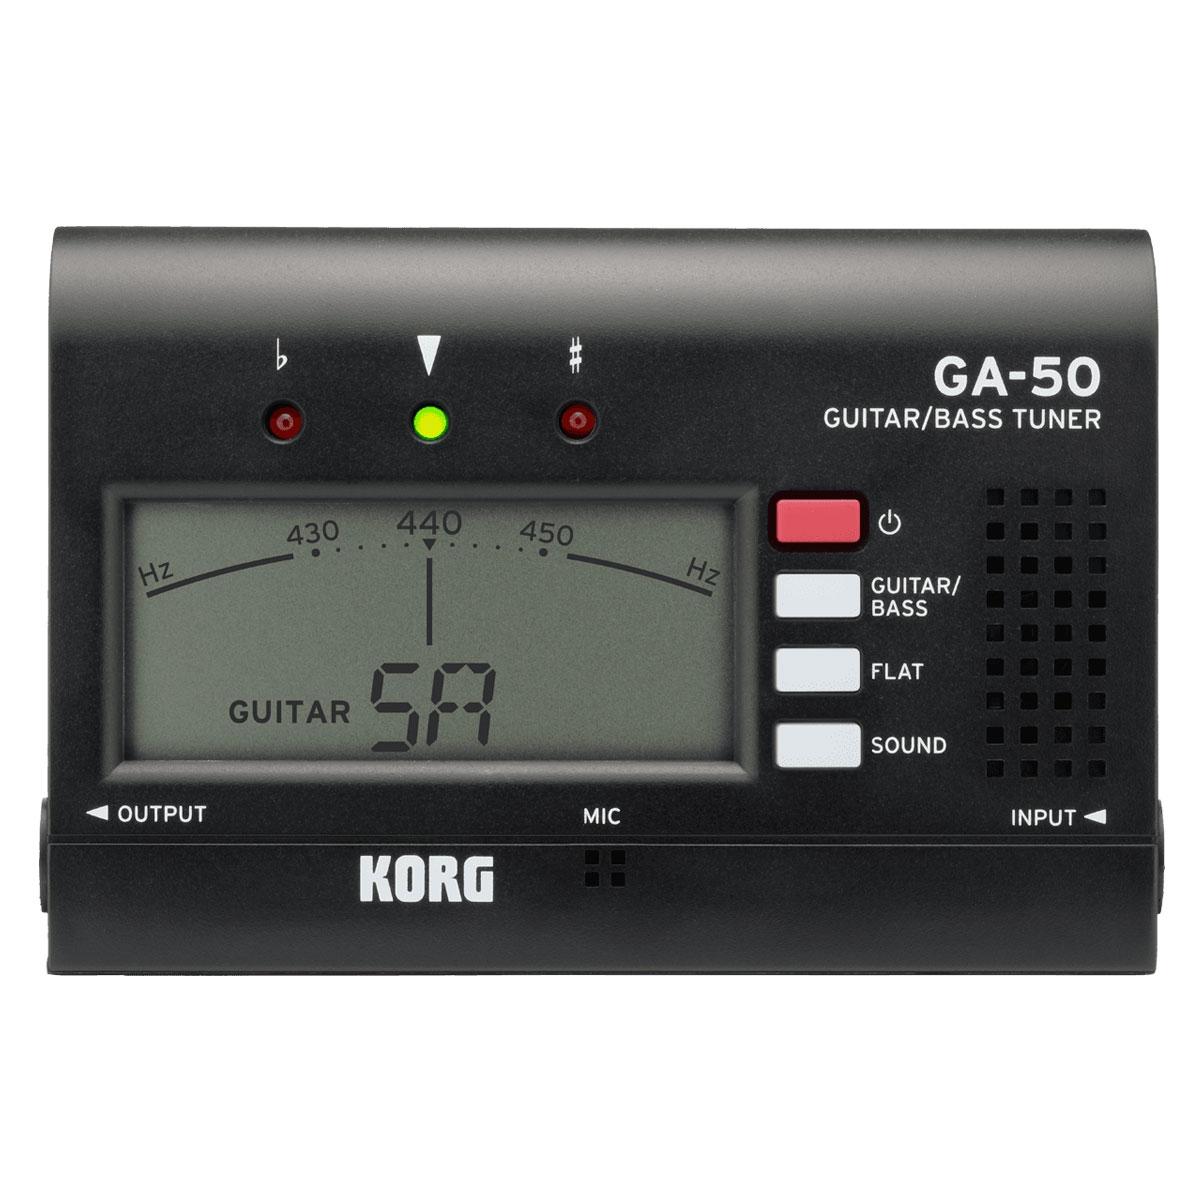 Korg - Accordeur chromatique - GA-50